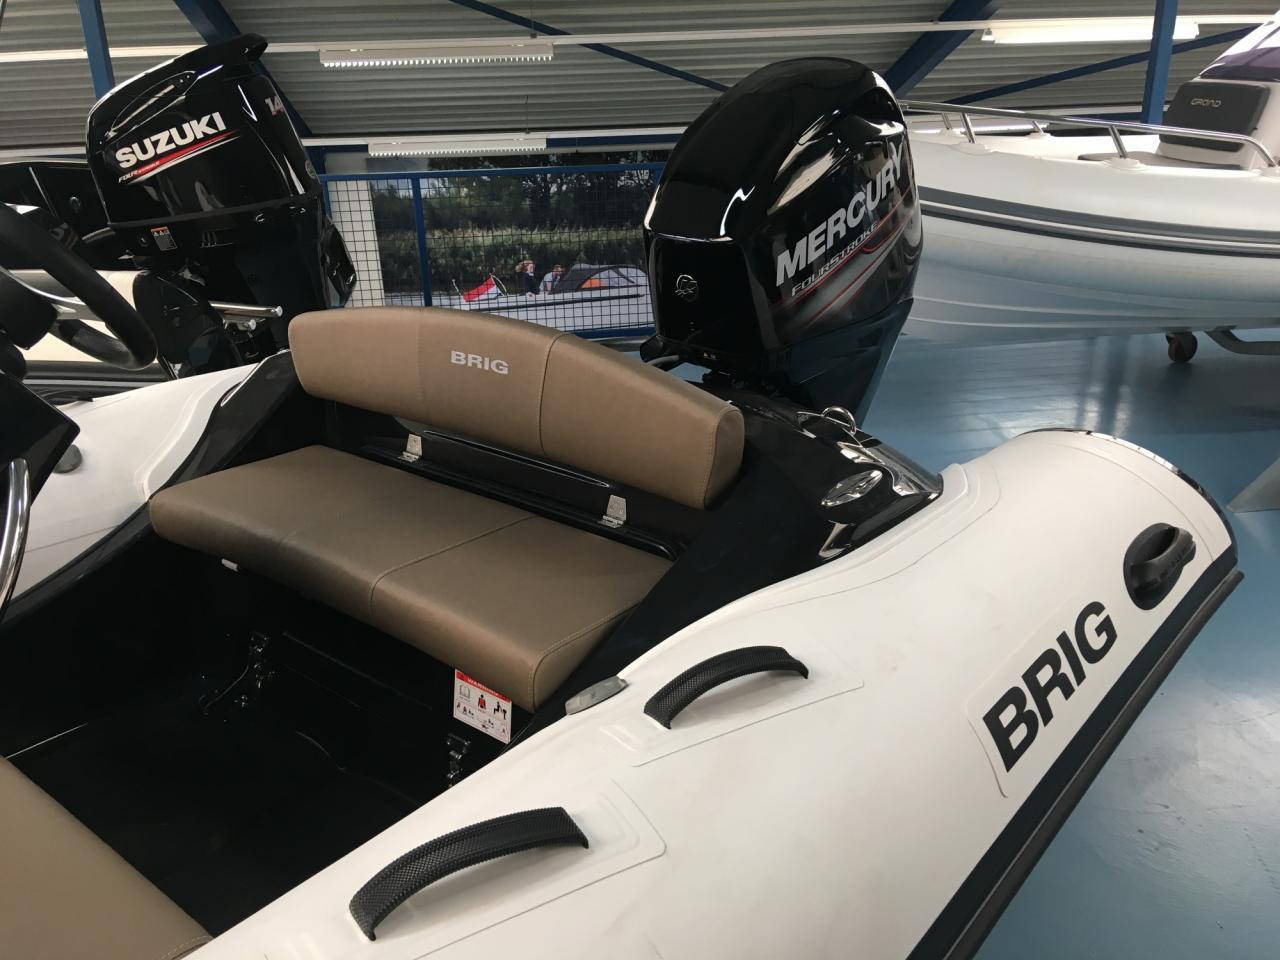 Brig 380 Eagle met Mercury 50 pk EFI ELPT 7